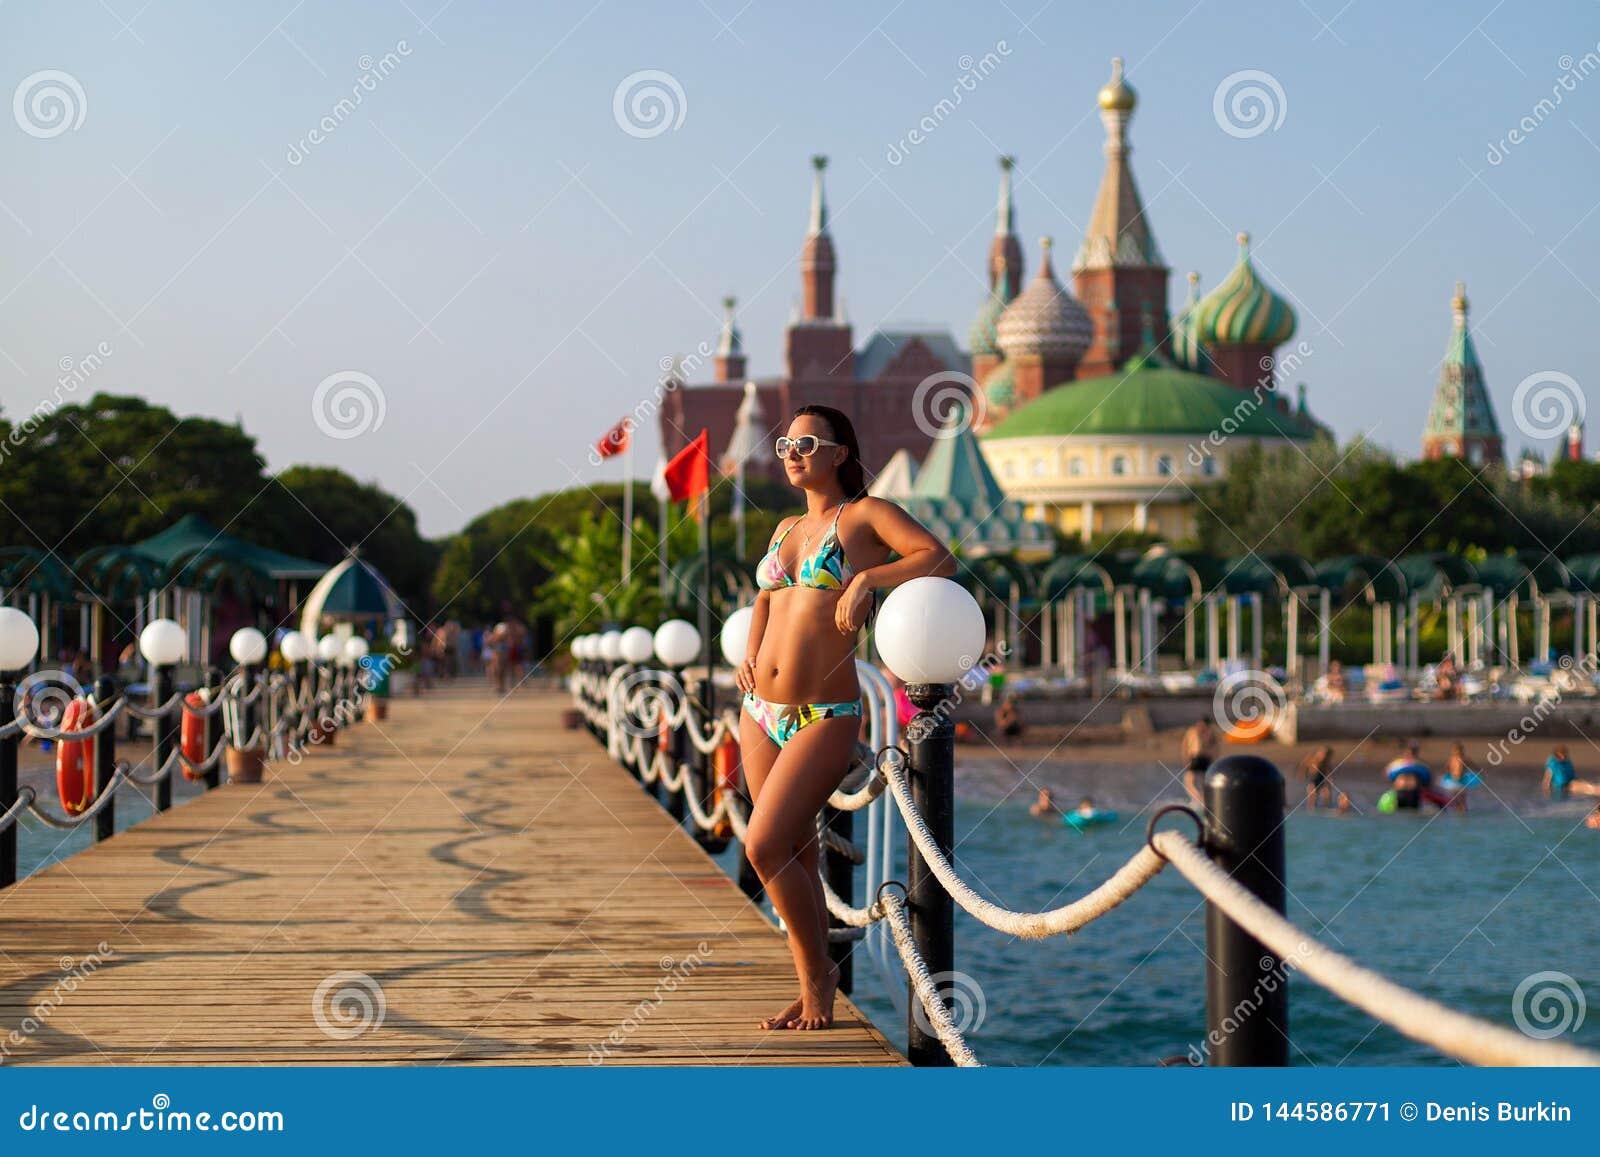 Fille dans un maillot de bain sur le pilier sur le fond de l hôtel fille posant sur le pilier en bois sur la plage, contre le con